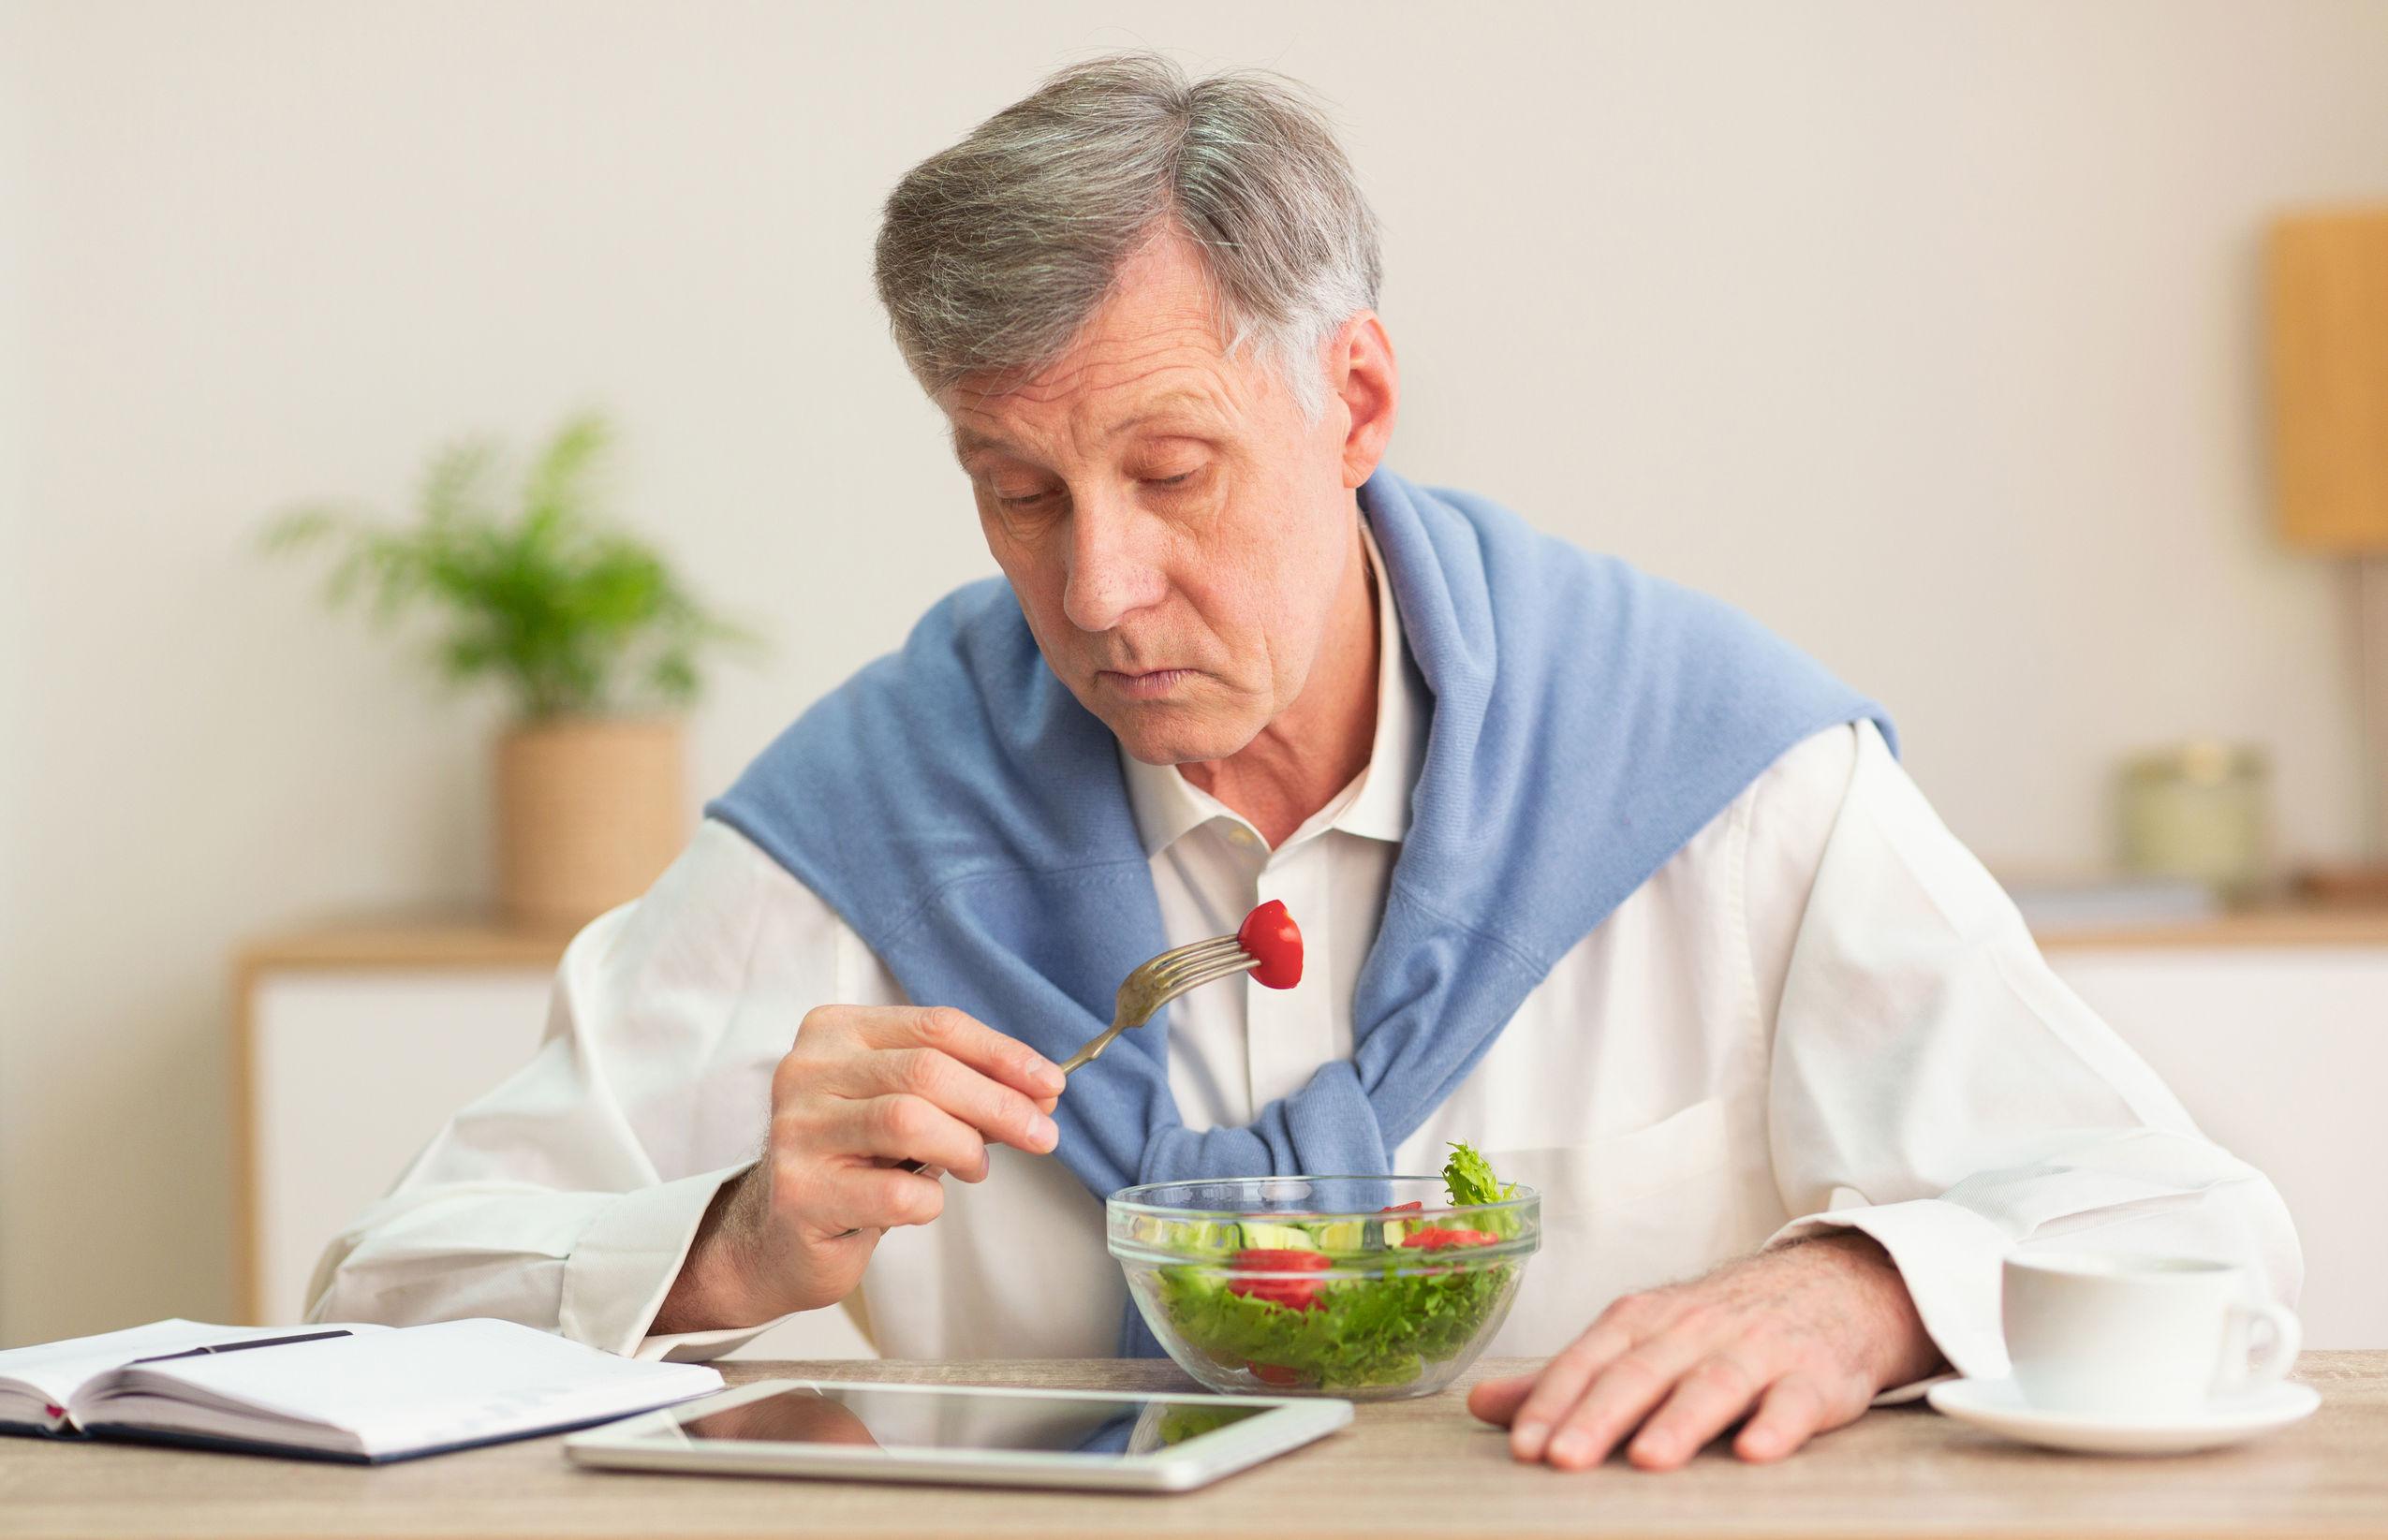 Vitamin D Mangel Symptome bei Erwachsenen: Anzeichen und Hintergründe zu Vitamin-D-Mangel